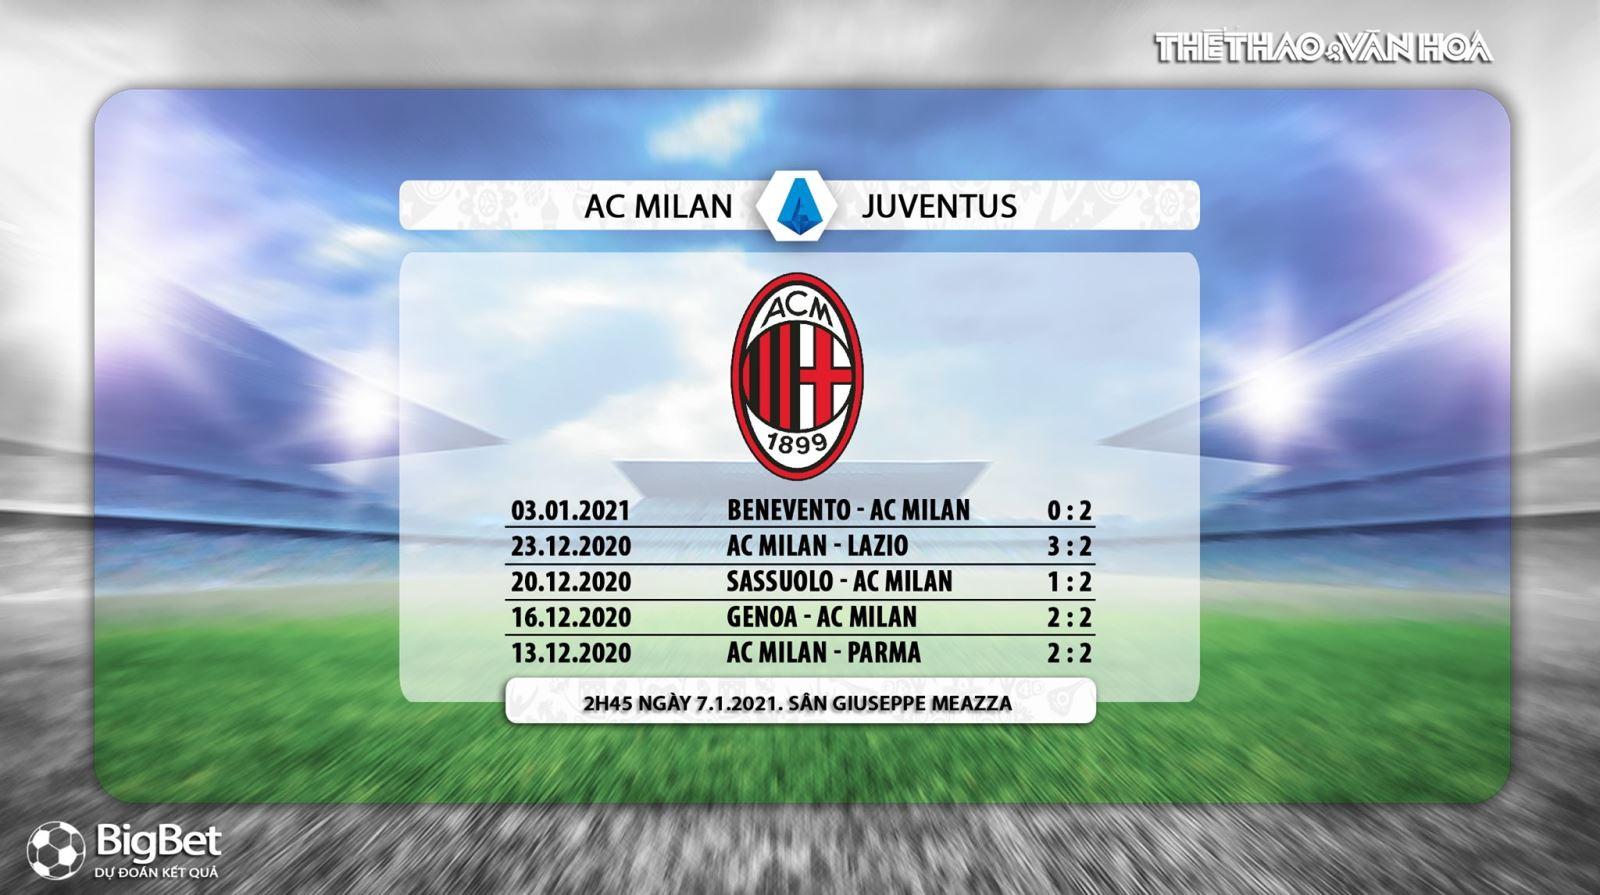 Soi kèo AC Milan vs Juventus, AC Milan vs Juventus, ac milan, juventus, bóng đá, soi kèo bóng đá, trực tiếp bóng đá, lịch thi đấu, nhận định